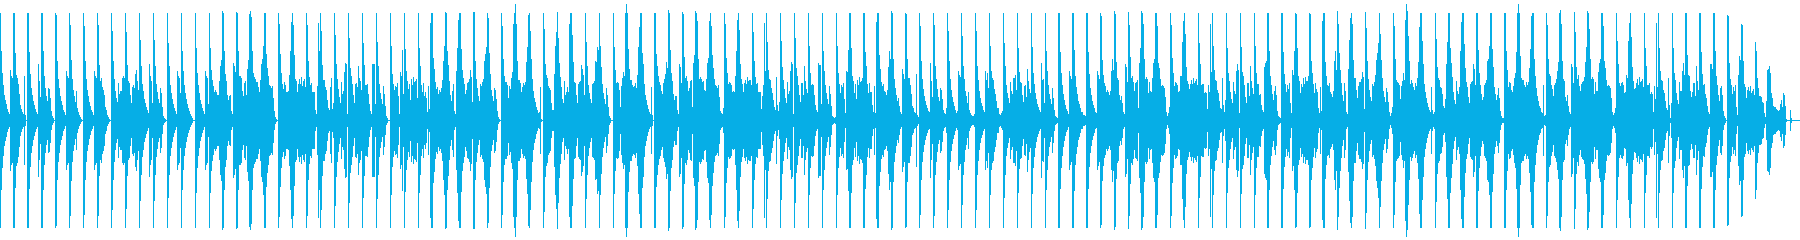 ロールが多めのボイスパーカッションの再生済みの波形